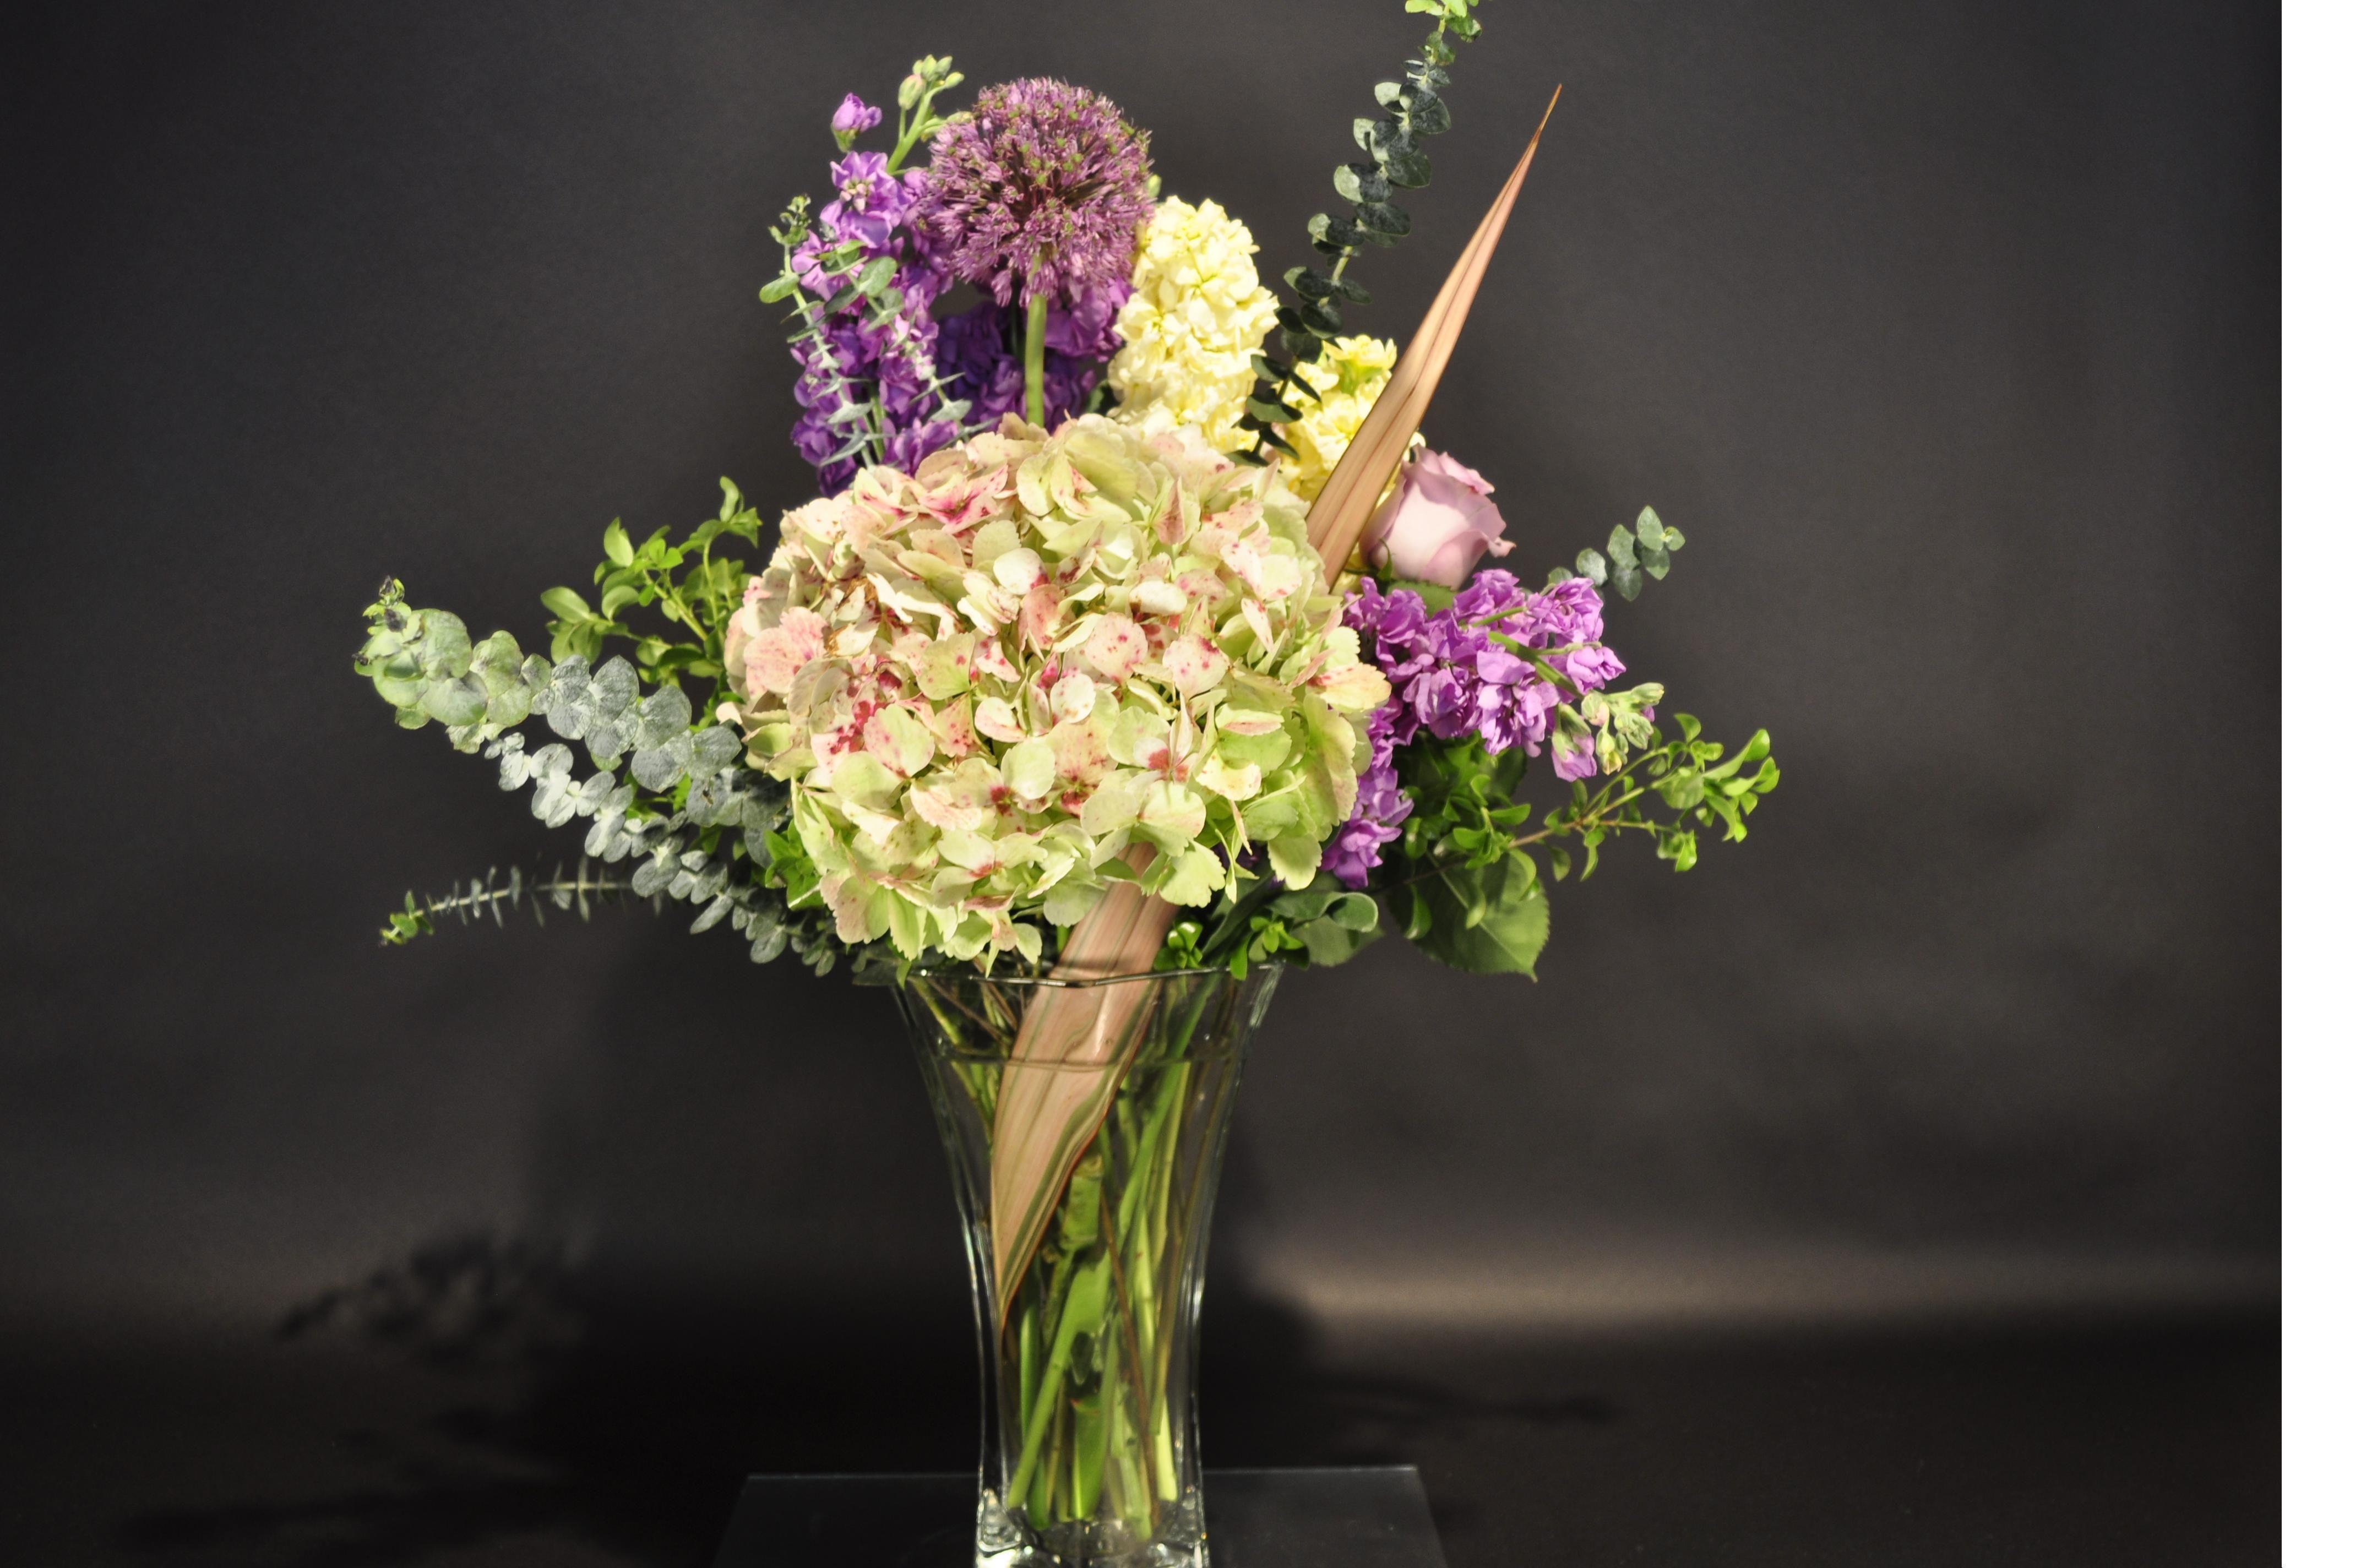 flower shops in denver that deliver